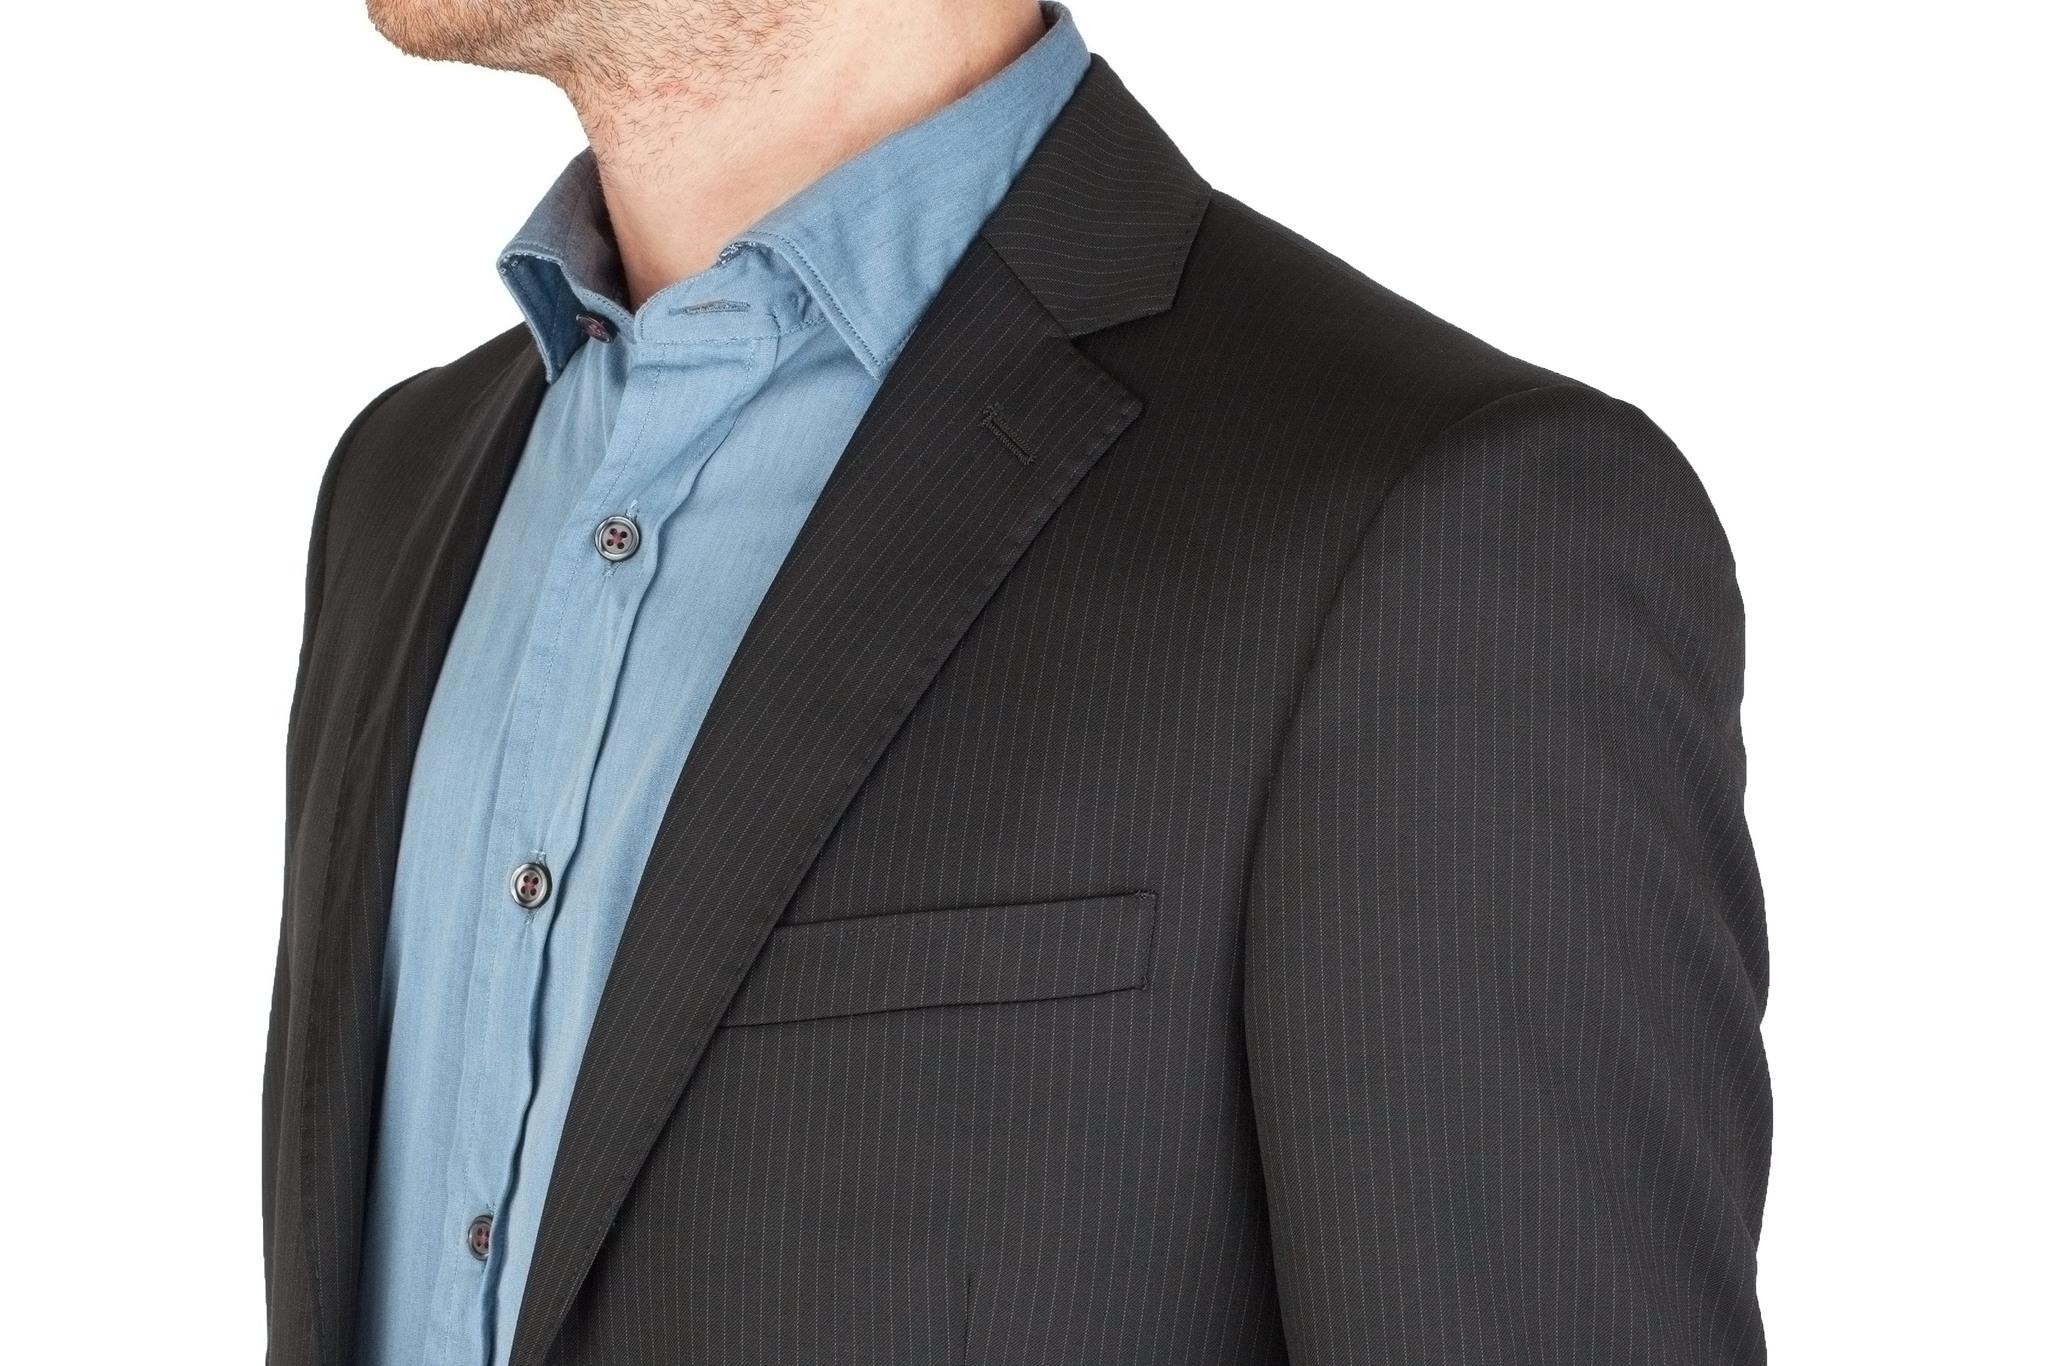 Чёрный костюм в тонкую полоску из 100%-ной шерсти, нагрудный карман